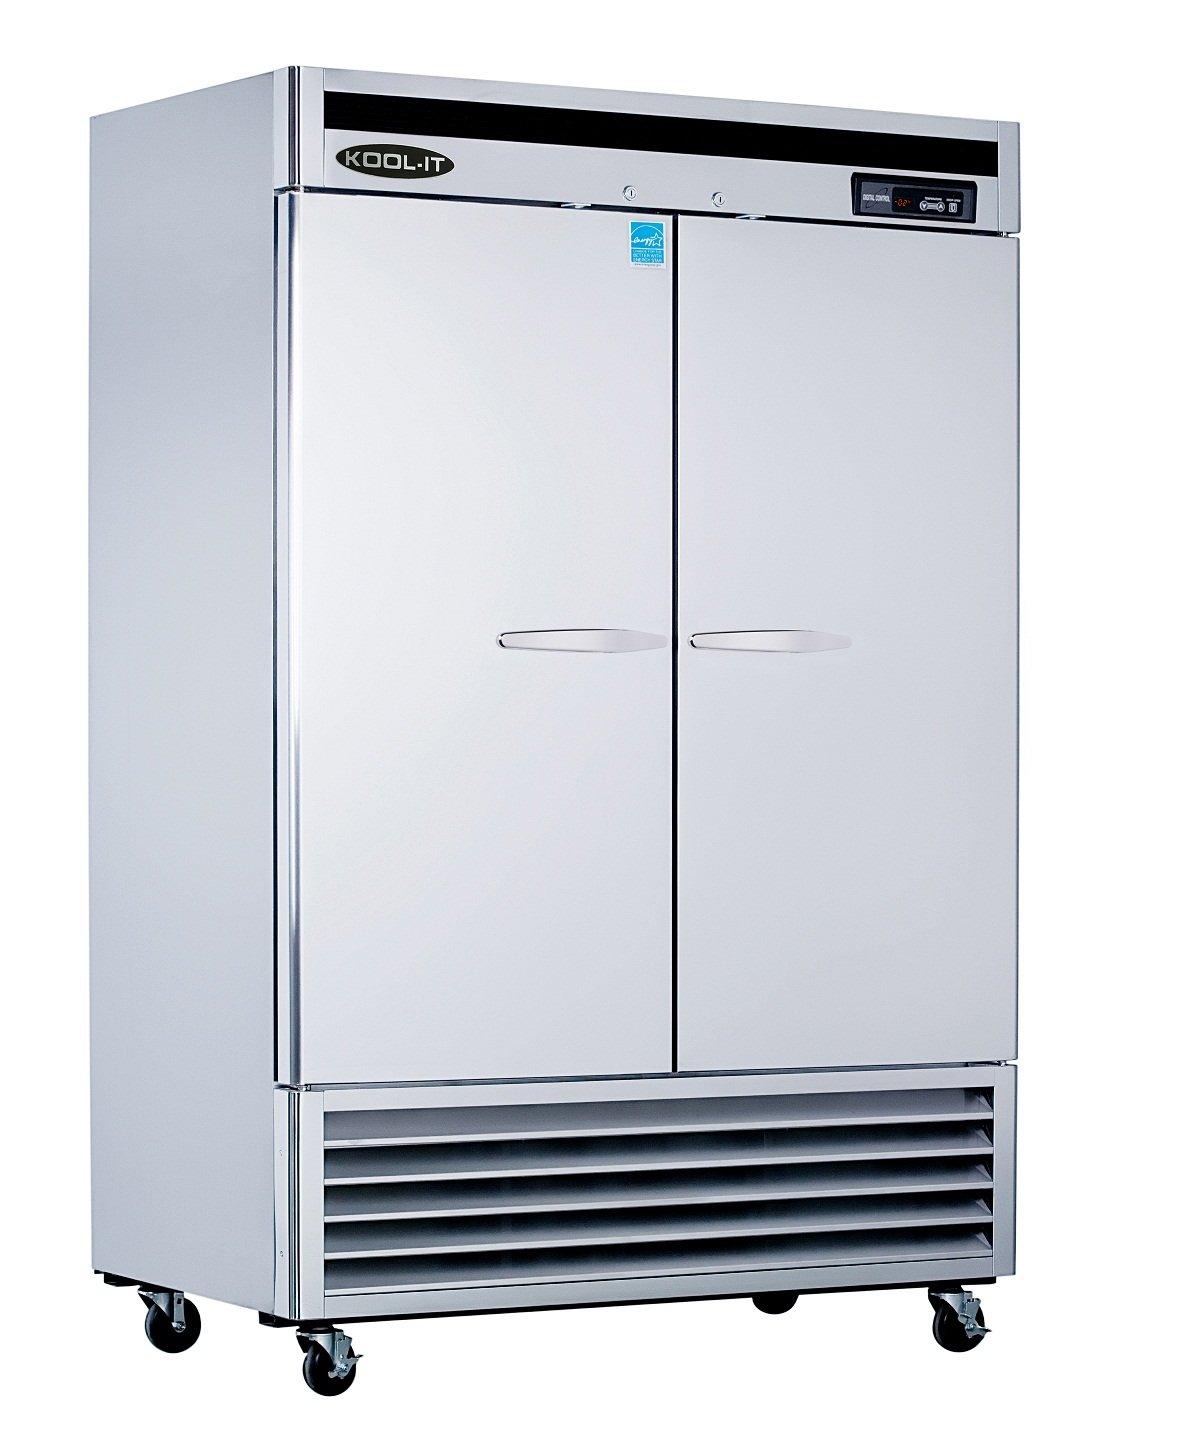 Kool-It KBSR-2 Stainless Steel Double Door Refrigerator Bottom Mount Compressor 53-115//128 Width x 82-89//128 Height x 31 Depth